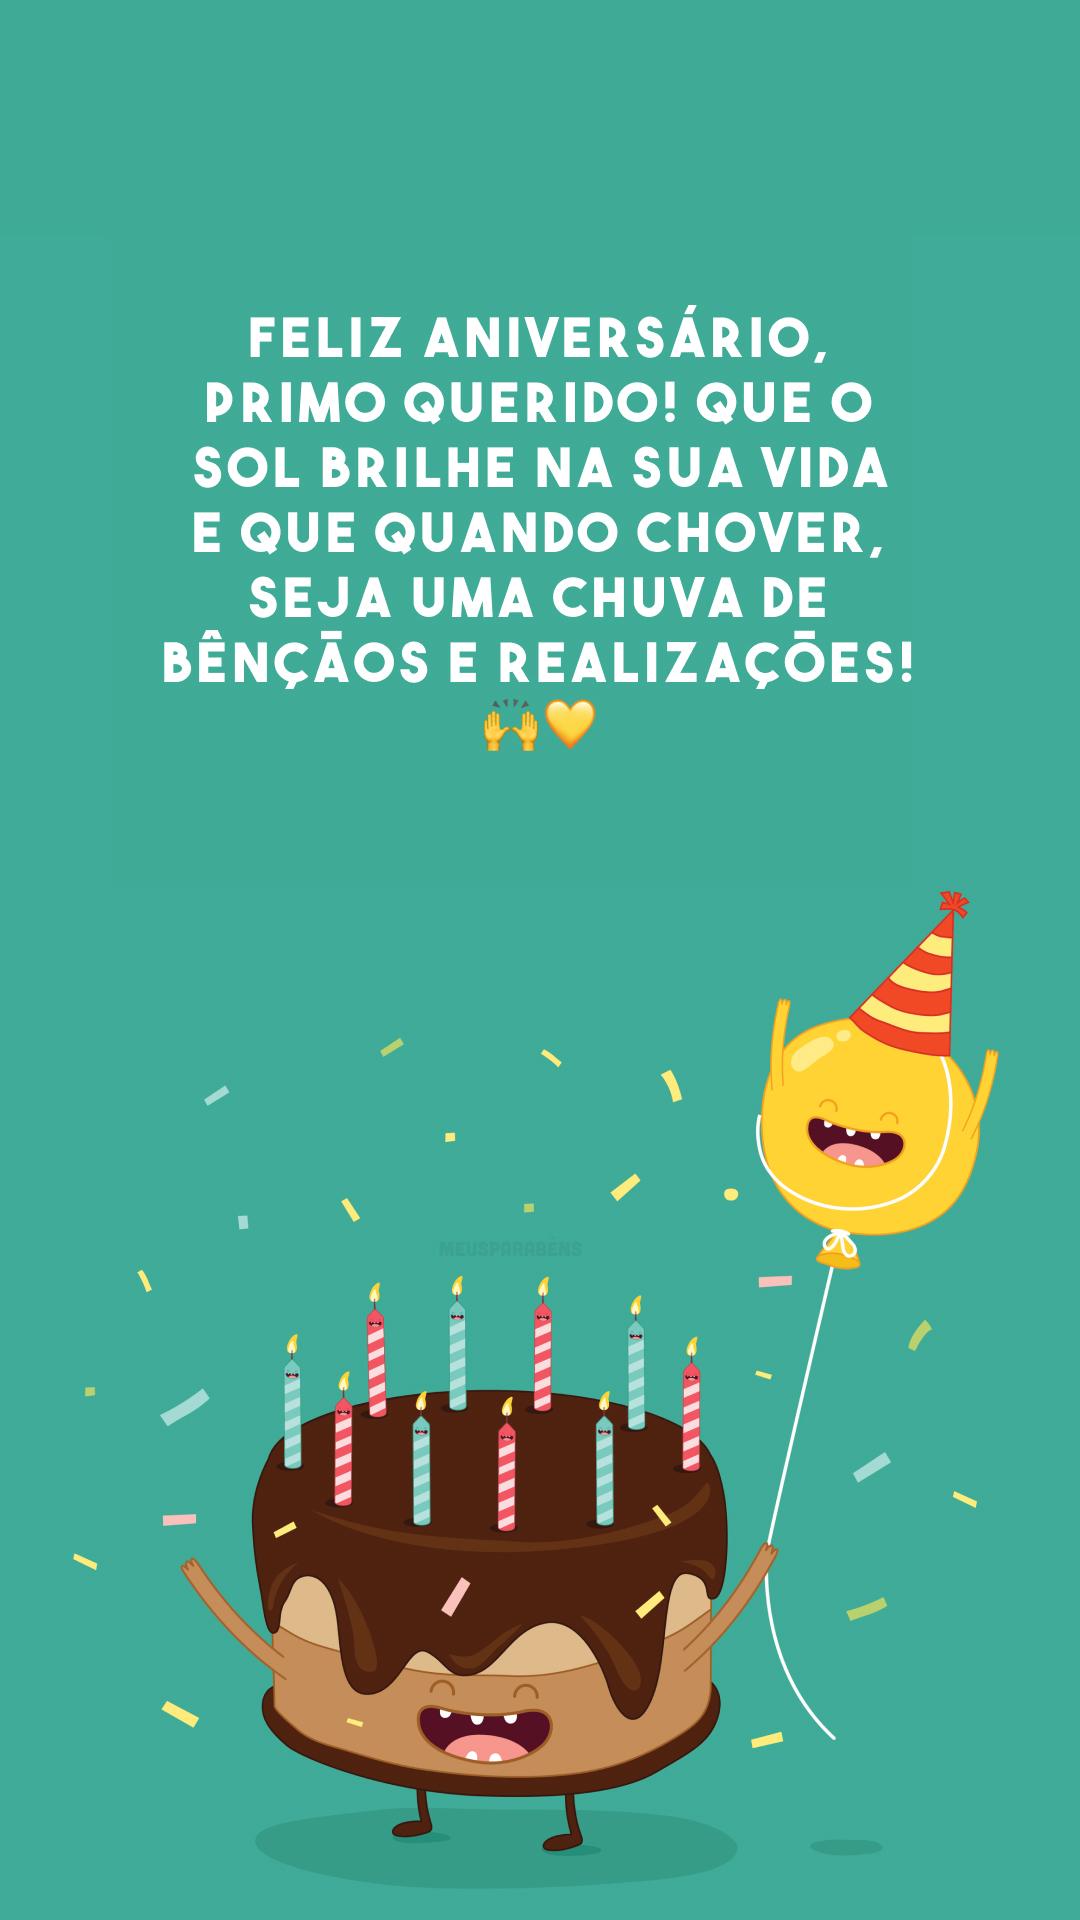 Feliz aniversário, primo querido! Que o sol brilhe na sua vida e que quando chover, seja uma chuva de bênçãos e realizações!  🙌💛